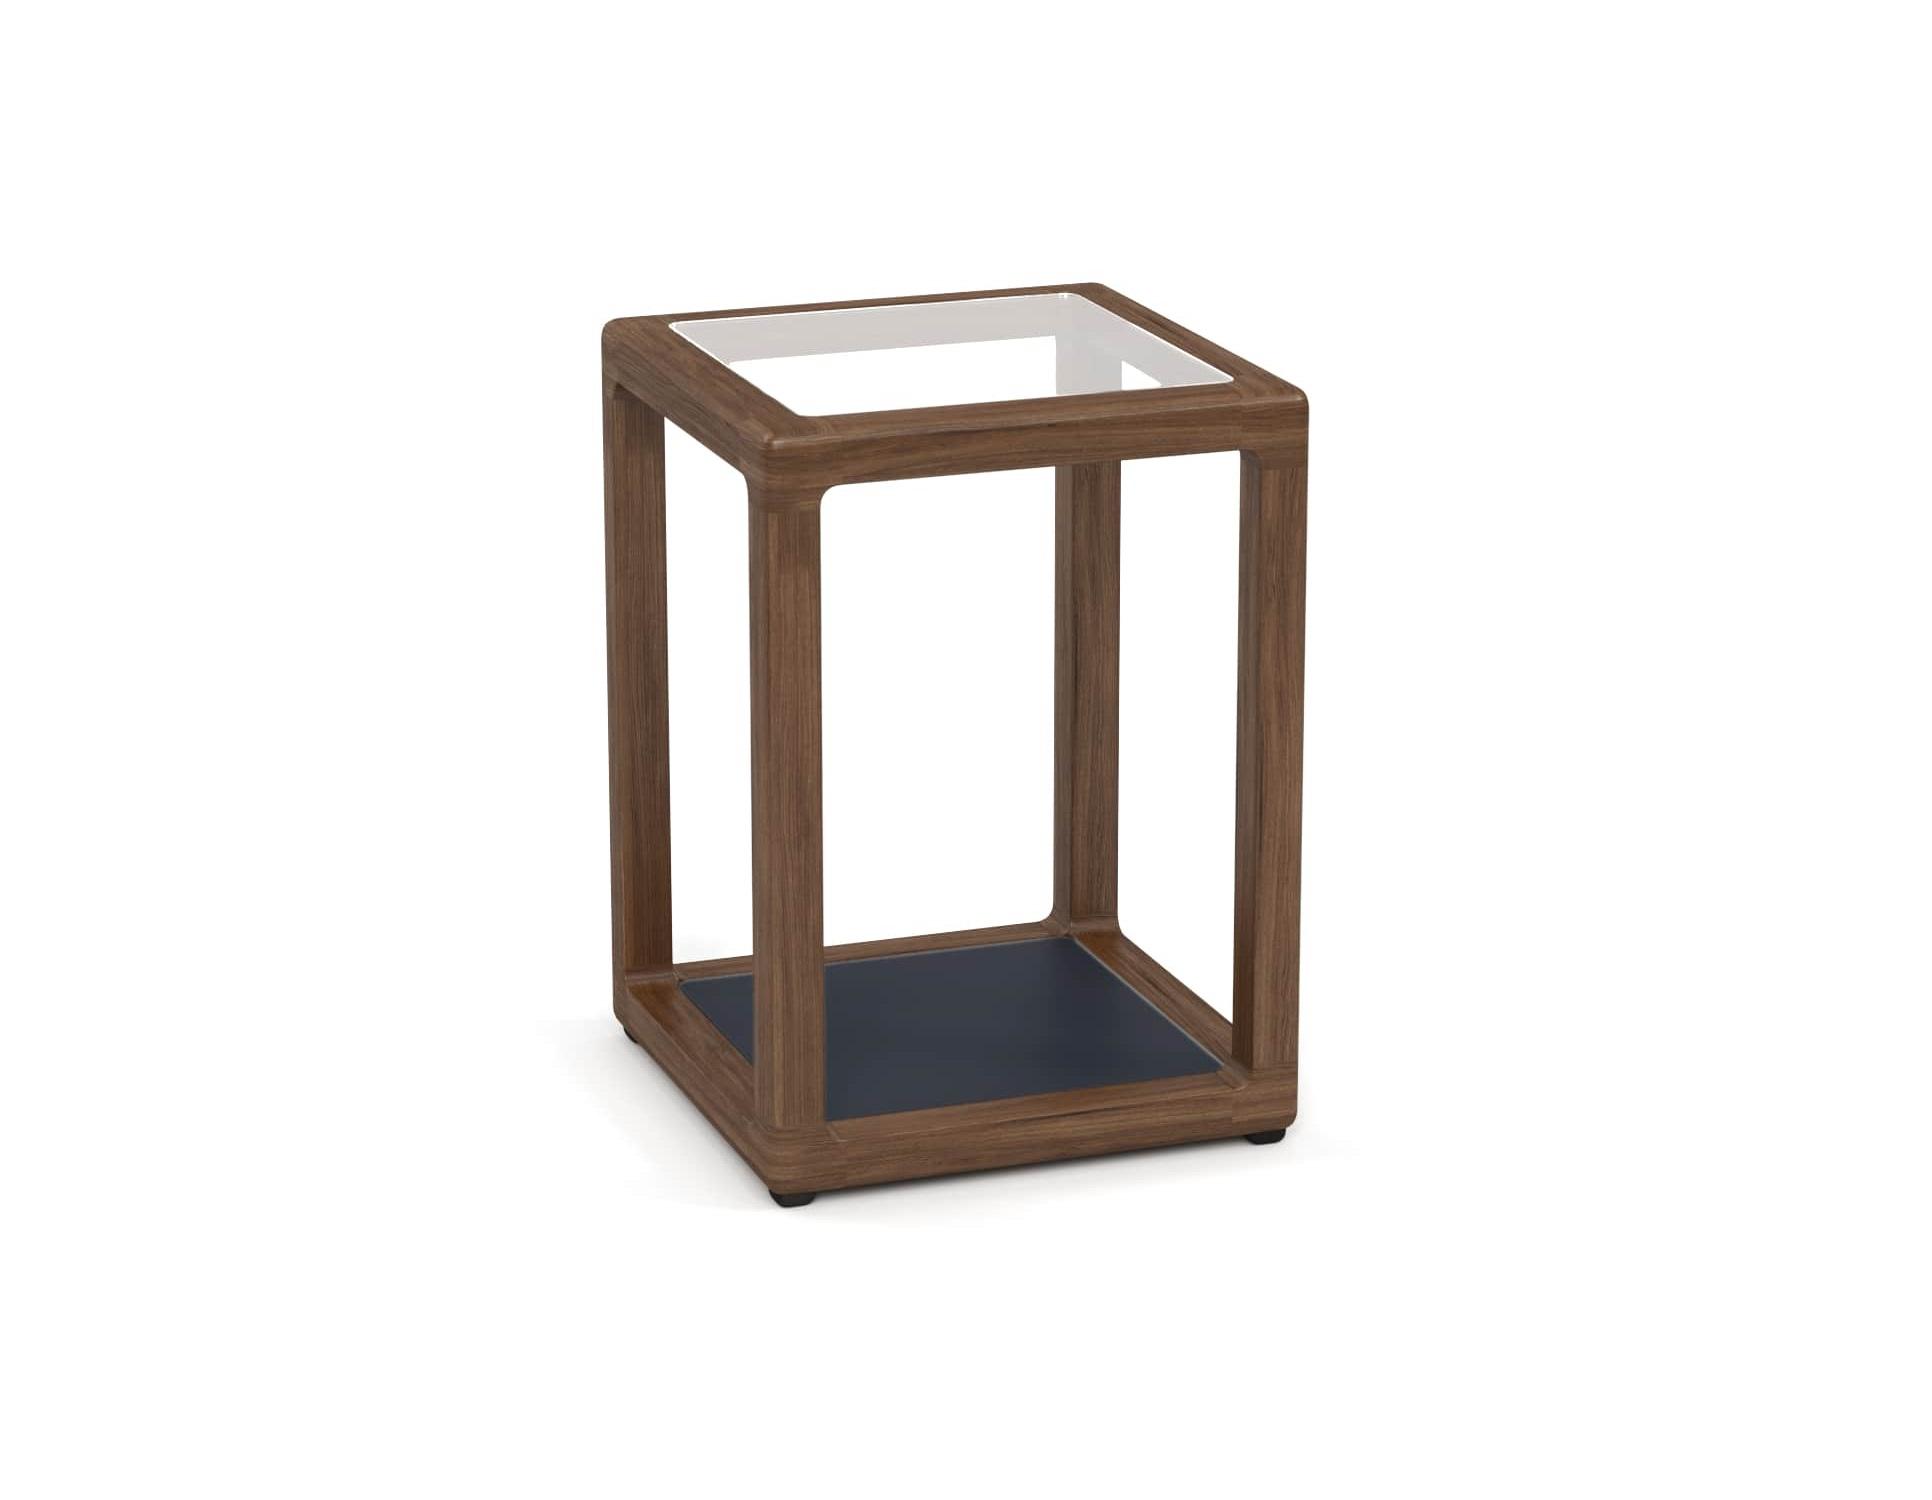 Столик придиванный SeagullСтолы и столики для сада<br>&amp;lt;div&amp;gt;Коллекция SEAGULL – воплощение природной простоты и естественного совершенства. Мебель привлекает тёплыми тонами, уникальностью материала и идеальными пропорциями. Стеклянные столешницы обеденных и журнальных столов по цвету гармонируют с тканью подушек, удобные диваны и «утопающие» кресла дарят ощущения спокойствия и комфорта.&amp;lt;/div&amp;gt;&amp;lt;div&amp;gt;&amp;lt;br&amp;gt;&amp;lt;/div&amp;gt;&amp;lt;div&amp;gt;Термоясень (ясень термообработанный) обладает высокими эксплуатационными характеристиками. Имеет ярко выраженную красивую текстуру и благородный аромат. Это исключительно долговечный, недеформируемый под воздействием атмосферных явлений и экологически чистый материал. В результате термообработки – длительного переменного воздействия пара и высоких температур – в структуре древесины происходят изменения на молекулярном уровне, и ясень приобретает наиболее важные для уличной мебели свойства – водостойкость, стабильность размеров, абсолютную устойчивость к биологическим поражениям. Срок службы – 10-15 лет.&amp;lt;/div&amp;gt;&amp;lt;div&amp;gt;&amp;lt;br&amp;gt;&amp;lt;/div&amp;gt;&amp;lt;div&amp;gt;Вся фурнитура изготовлена из нержавеющей стали на собственном производстве.&amp;amp;nbsp;&amp;lt;/div&amp;gt;&amp;lt;div&amp;gt;&amp;lt;br&amp;gt;&amp;lt;/div&amp;gt;<br><br>&amp;lt;iframe width=&amp;quot;530&amp;quot; height=&amp;quot;300&amp;quot; src=&amp;quot;https://www.youtube.com/embed/uL9Kujh07kc&amp;quot; frameborder=&amp;quot;0&amp;quot; allowfullscreen=&amp;quot;&amp;quot;&amp;gt;&amp;lt;/iframe&amp;gt;<br><br>Material: Ясень<br>Ширина см: 40.0<br>Глубина см: 40.0